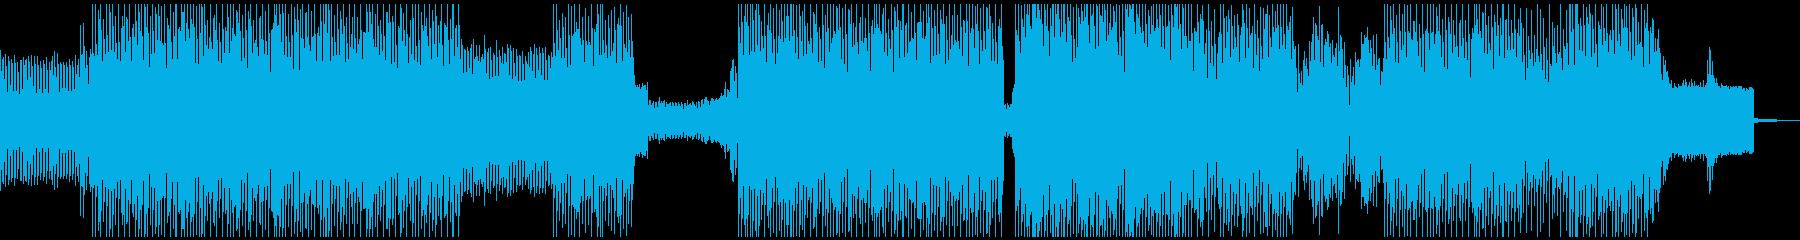 不気味で暗い、ミニマルテクノの再生済みの波形